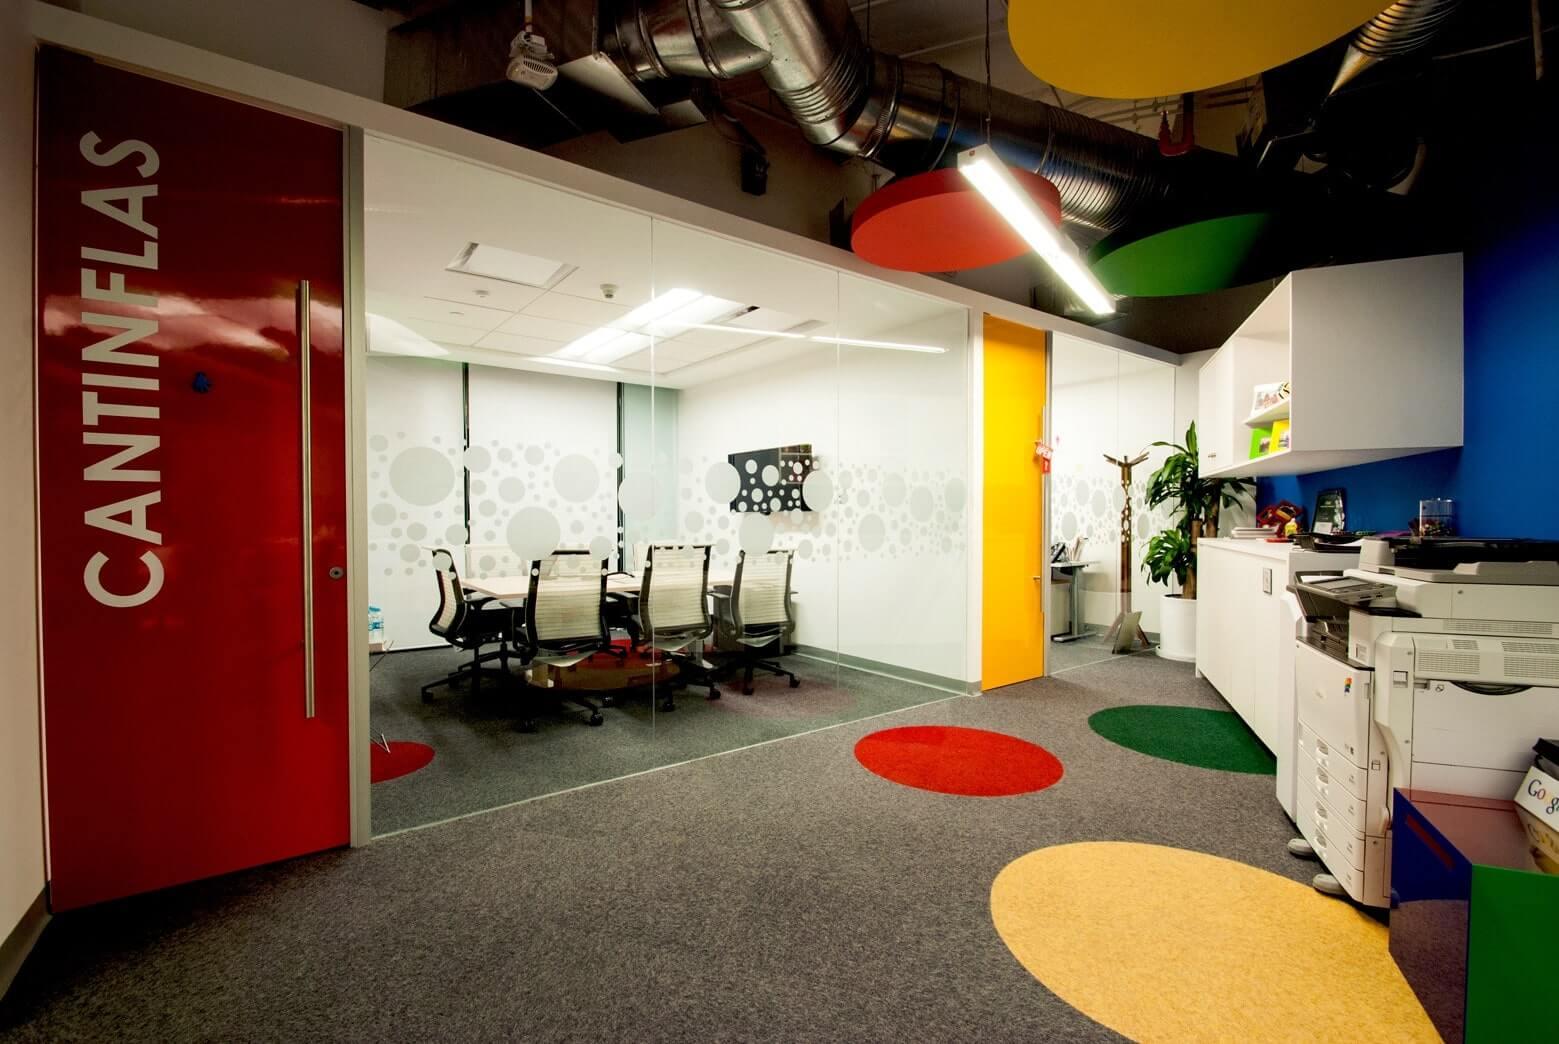 xu hướng kiến trúc văn phòng hiện đại